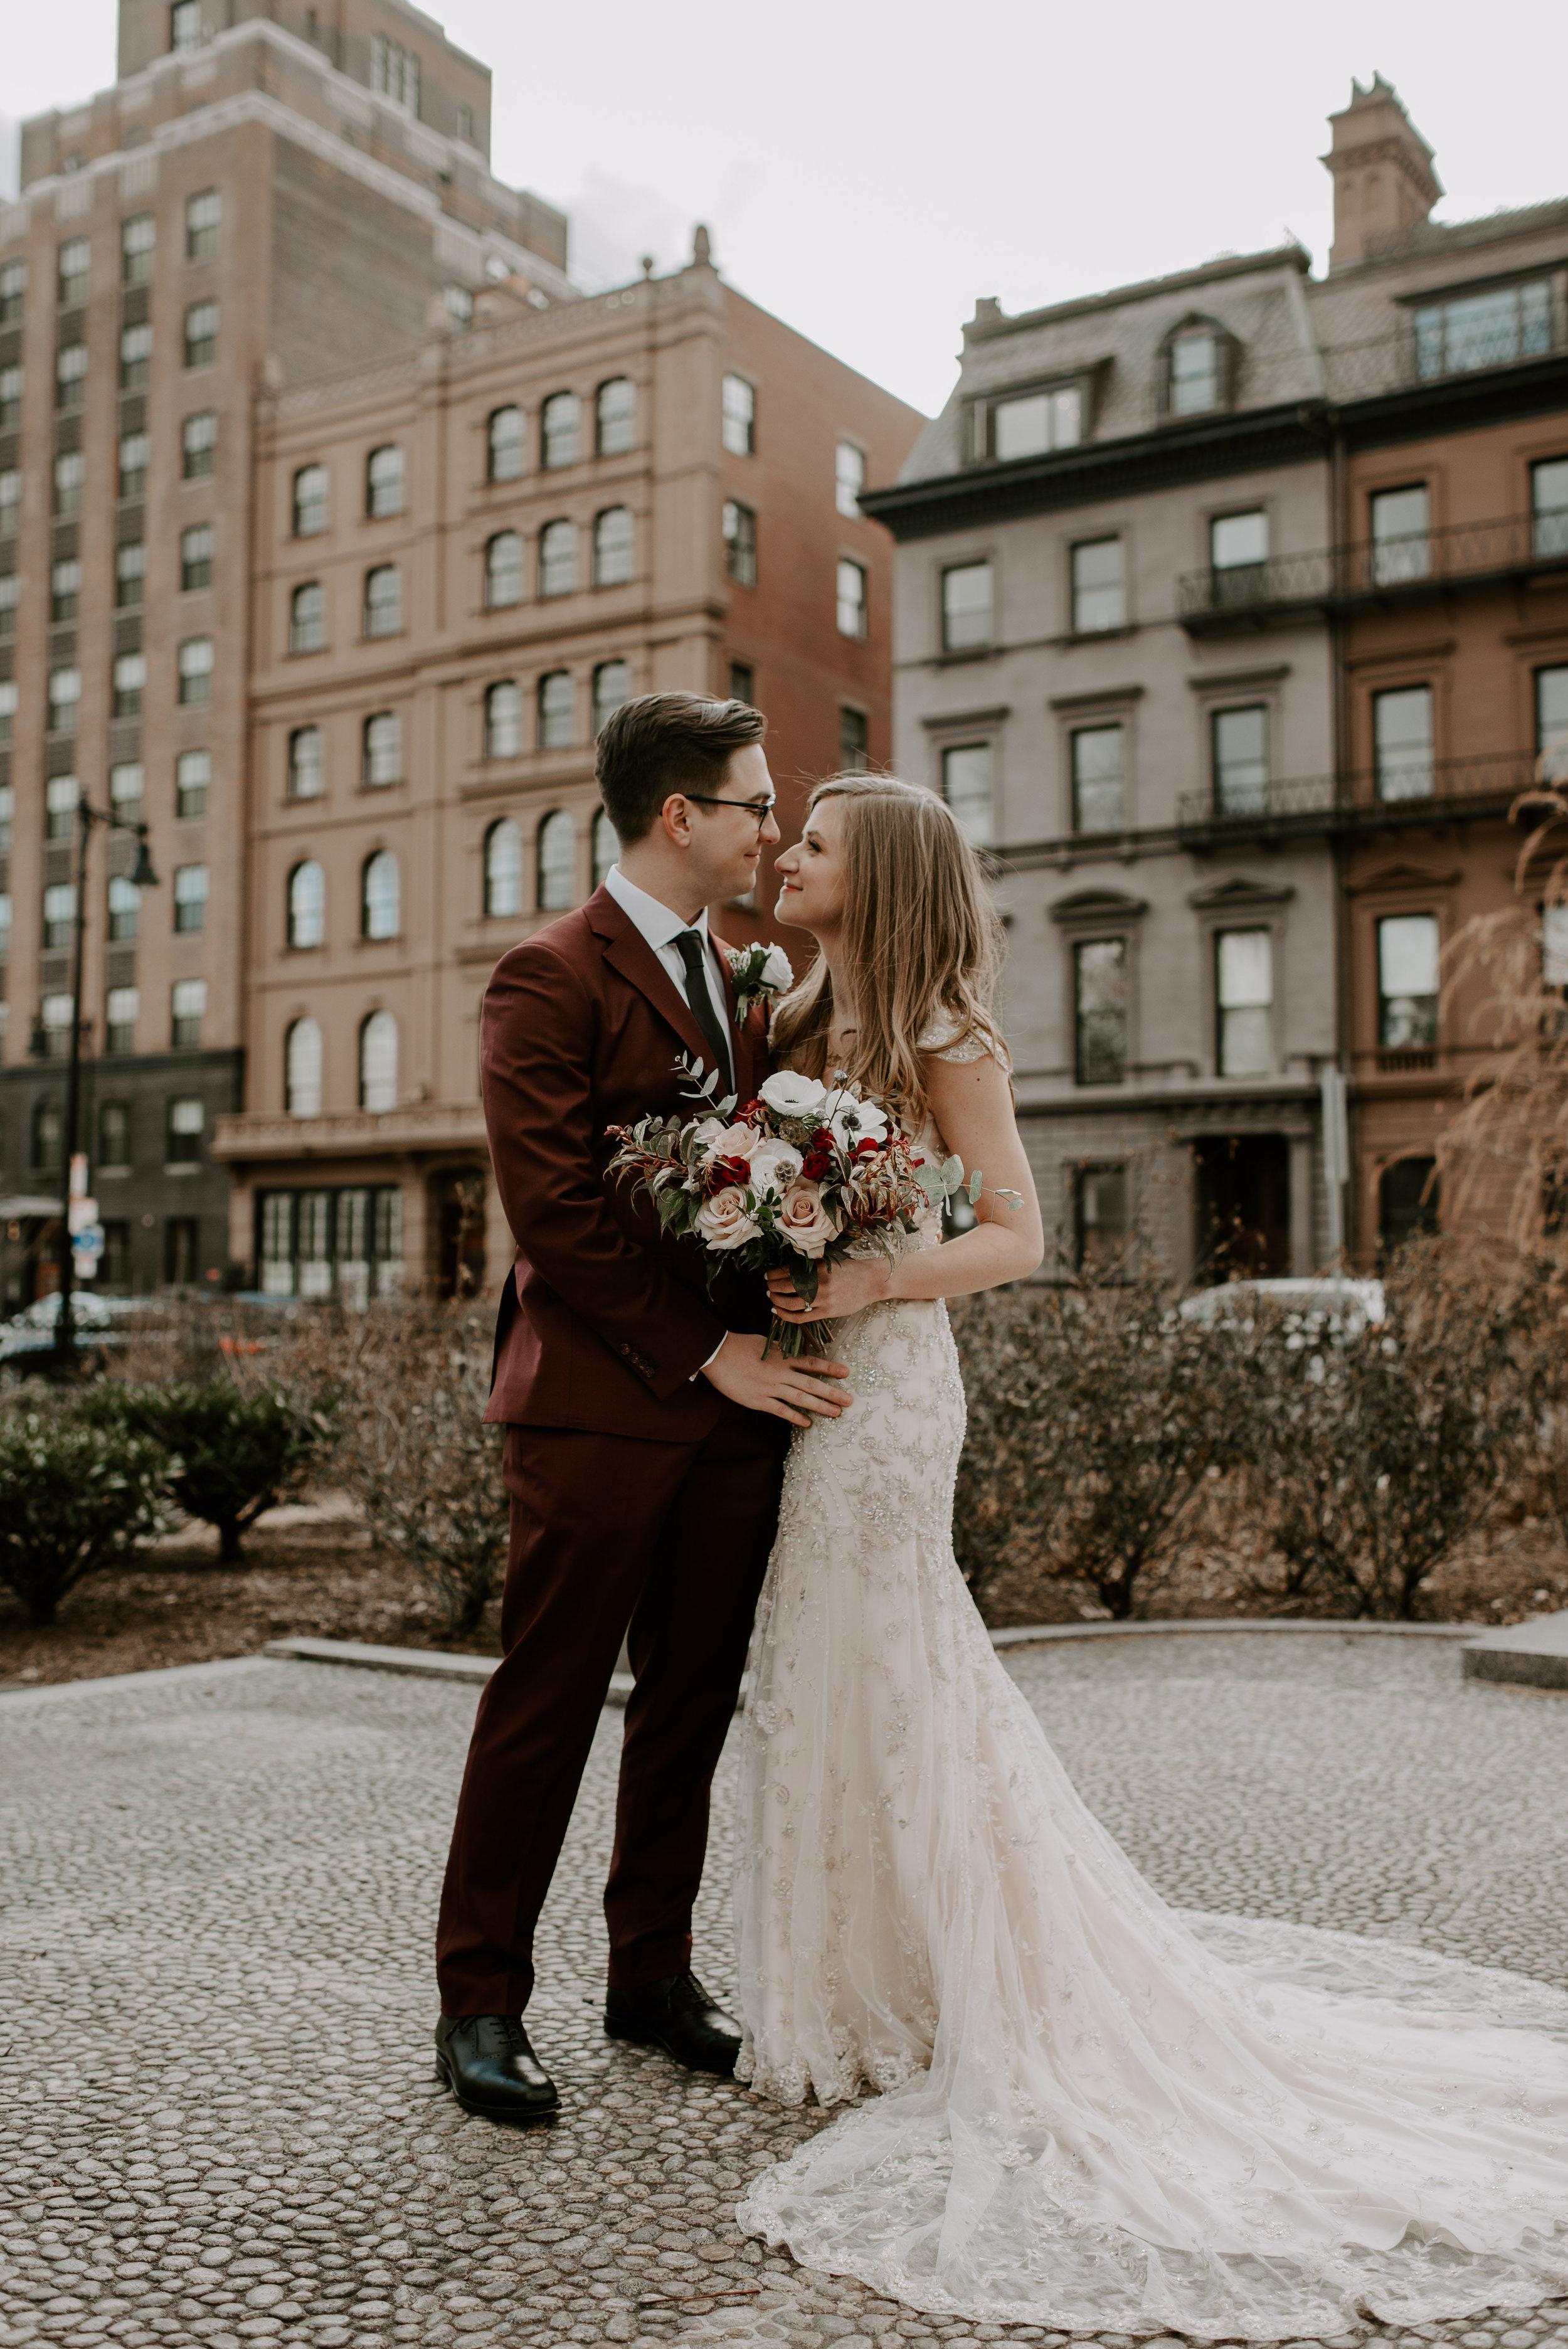 Downtown Boston Wedding Elopement | Boston City Hall Elopement | Boston Wedding Photography